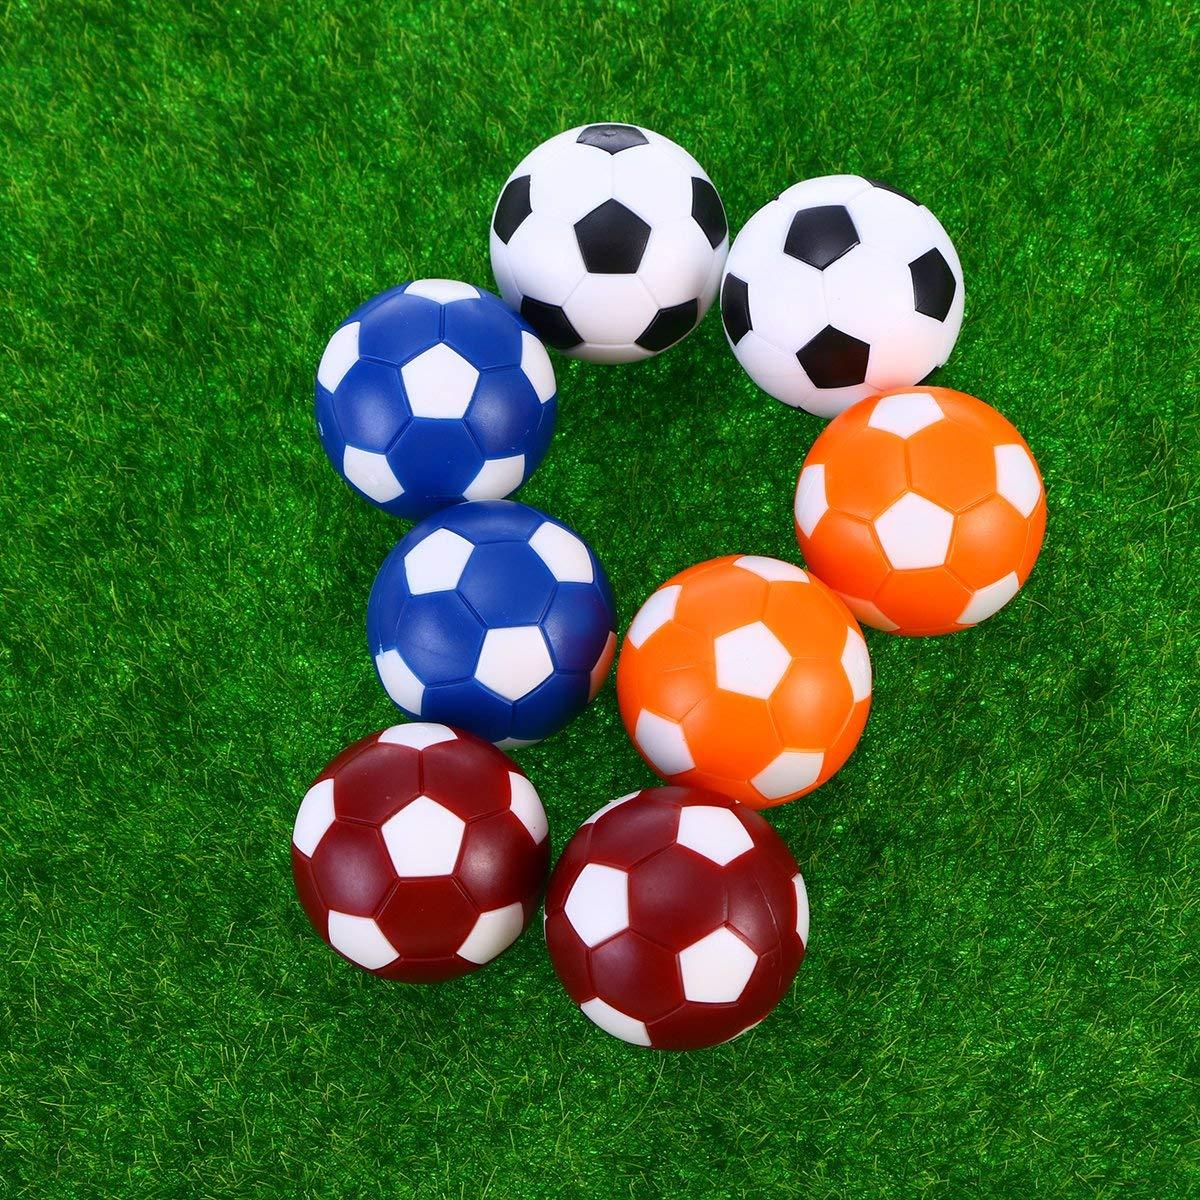 Flyinghedwig Palline Calcio Balilla 8pcs 8pcs Ricambio per biliardino profesisonale Colorati da 36mm Gioco di Calcio per Adulti e Bambini